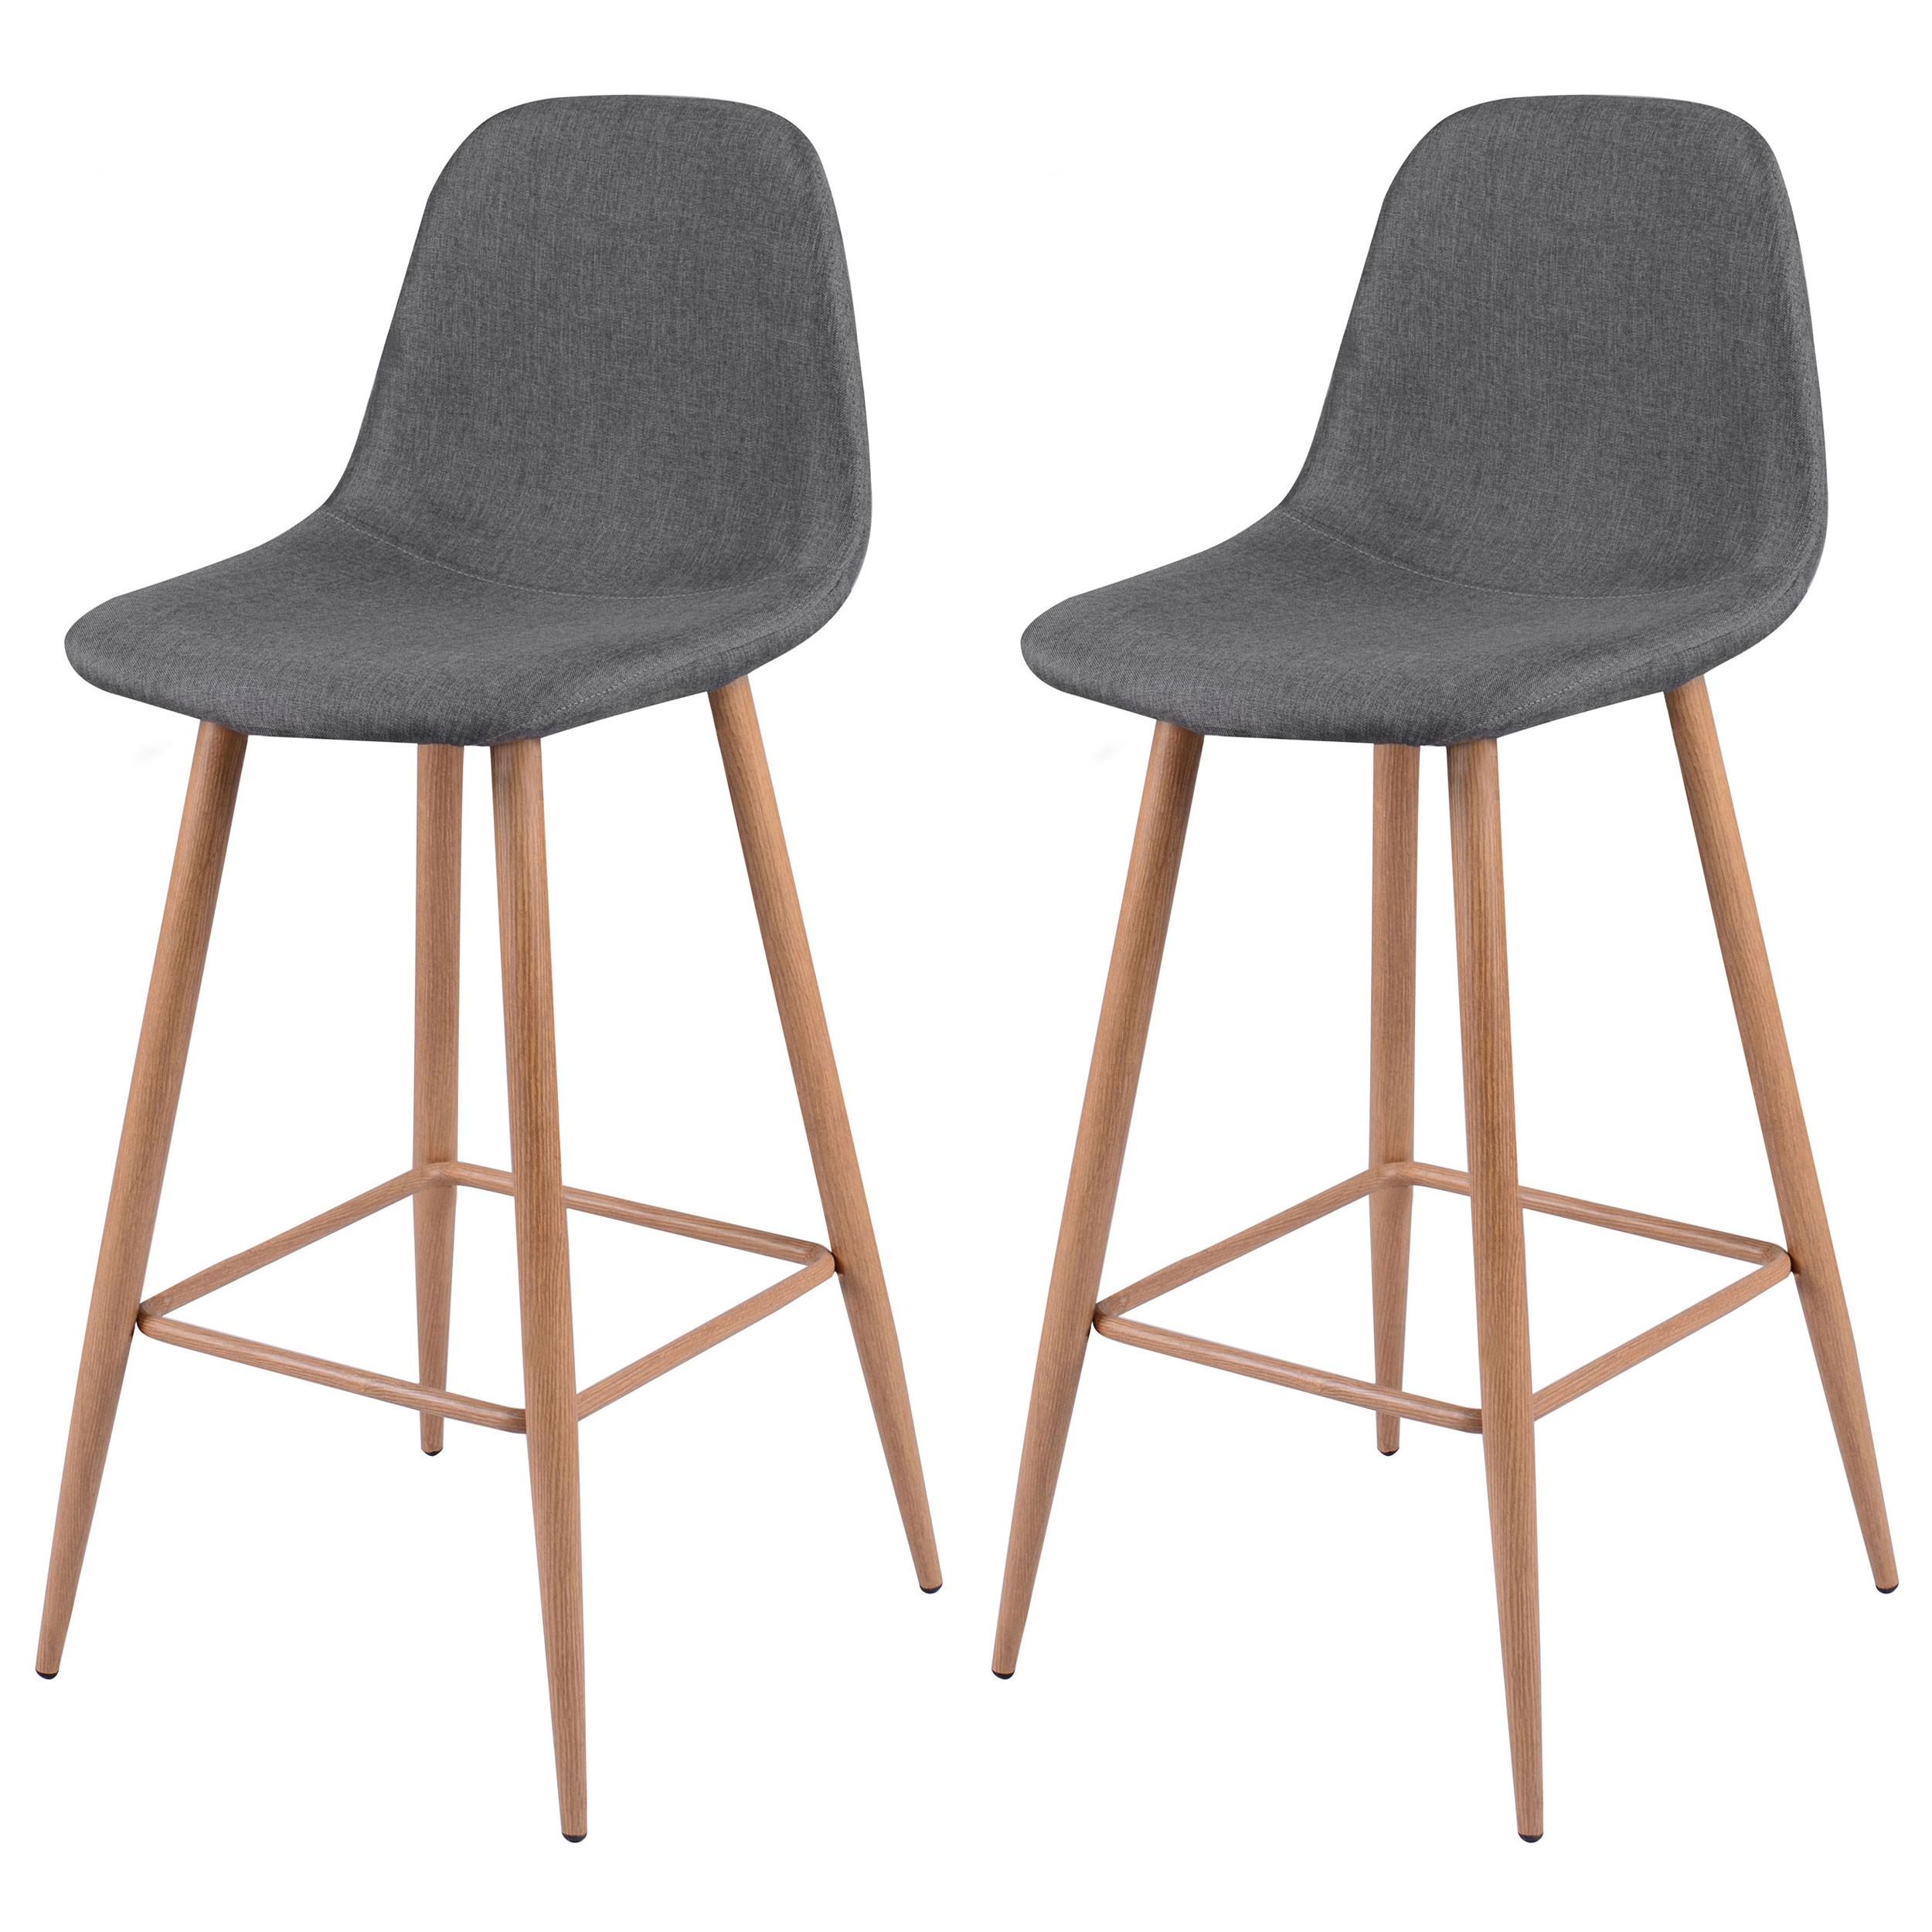 chaise de bar tissu gris